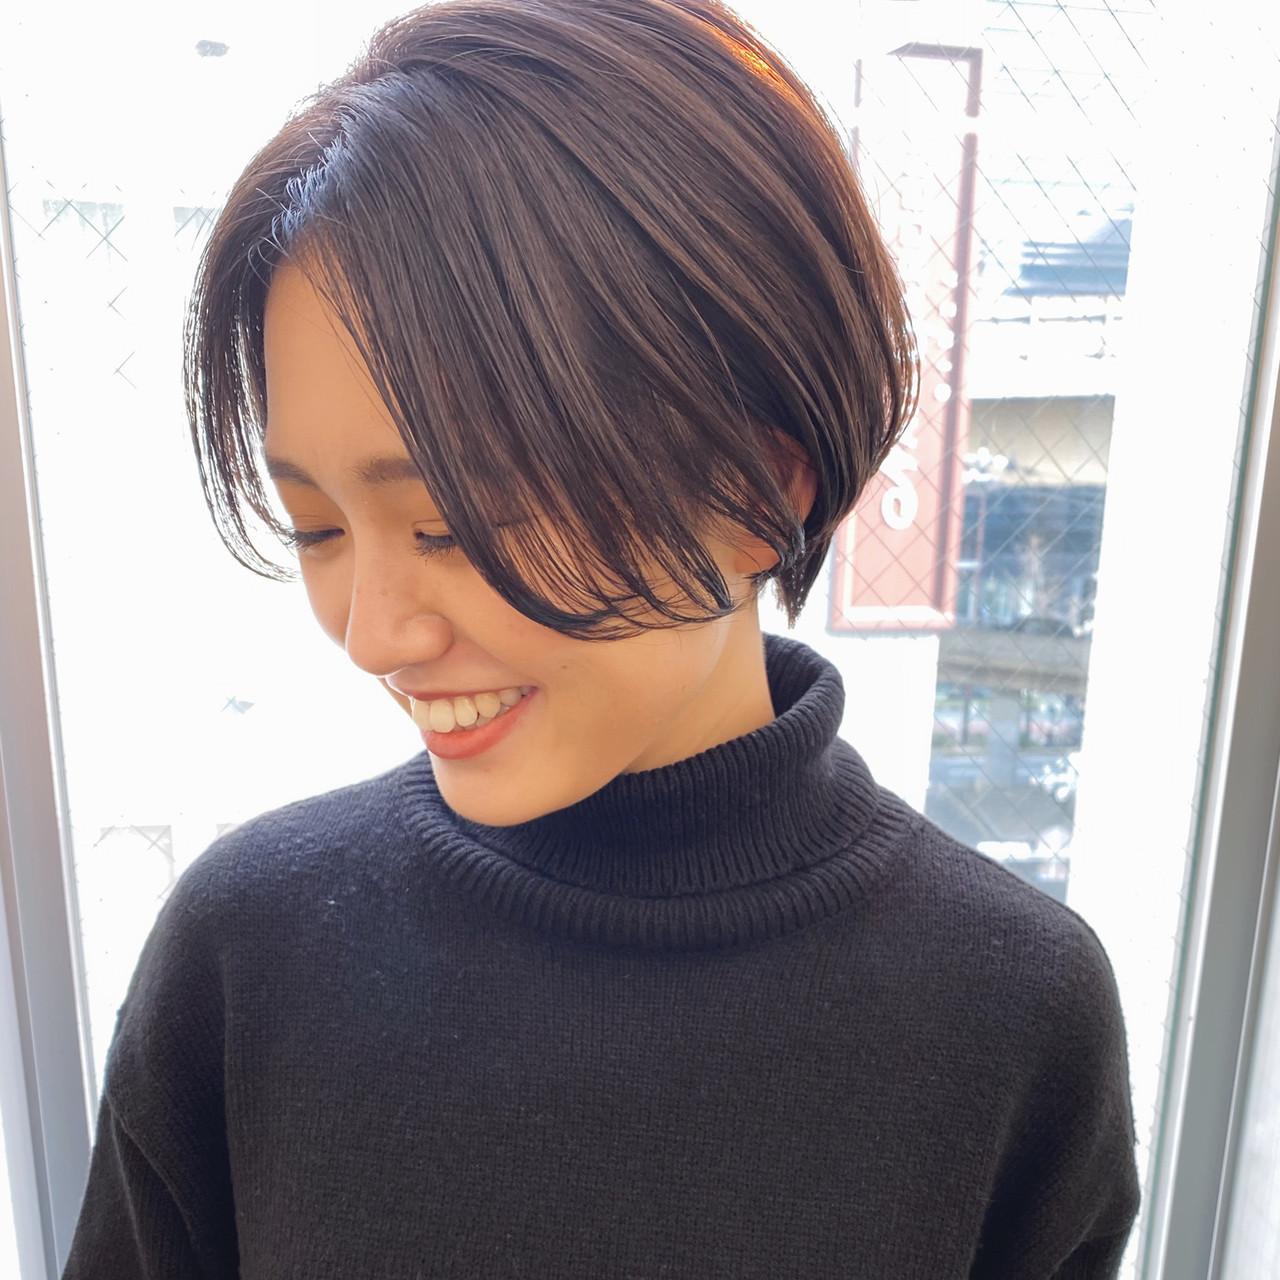 ハンサムショート かきあげバング センターパート ショートボブ ヘアスタイルや髪型の写真・画像